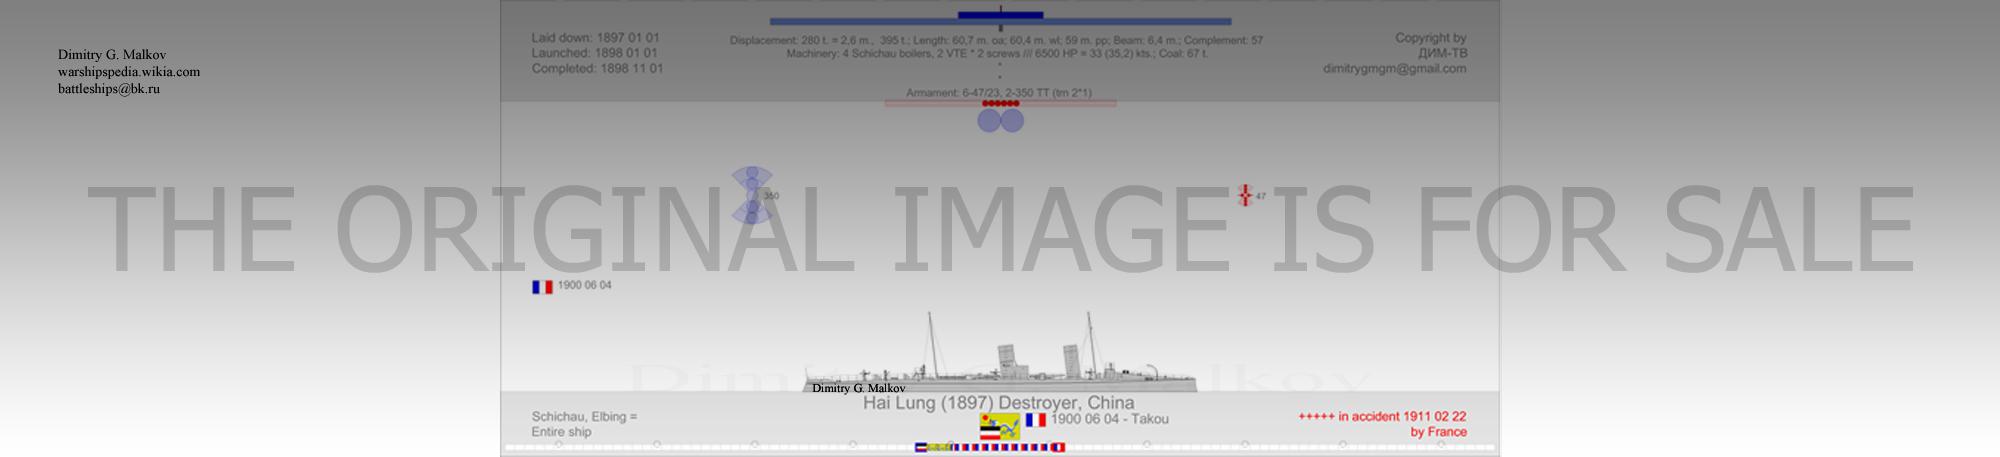 Mes dessins des navires francais - Page 9 Dd-18919